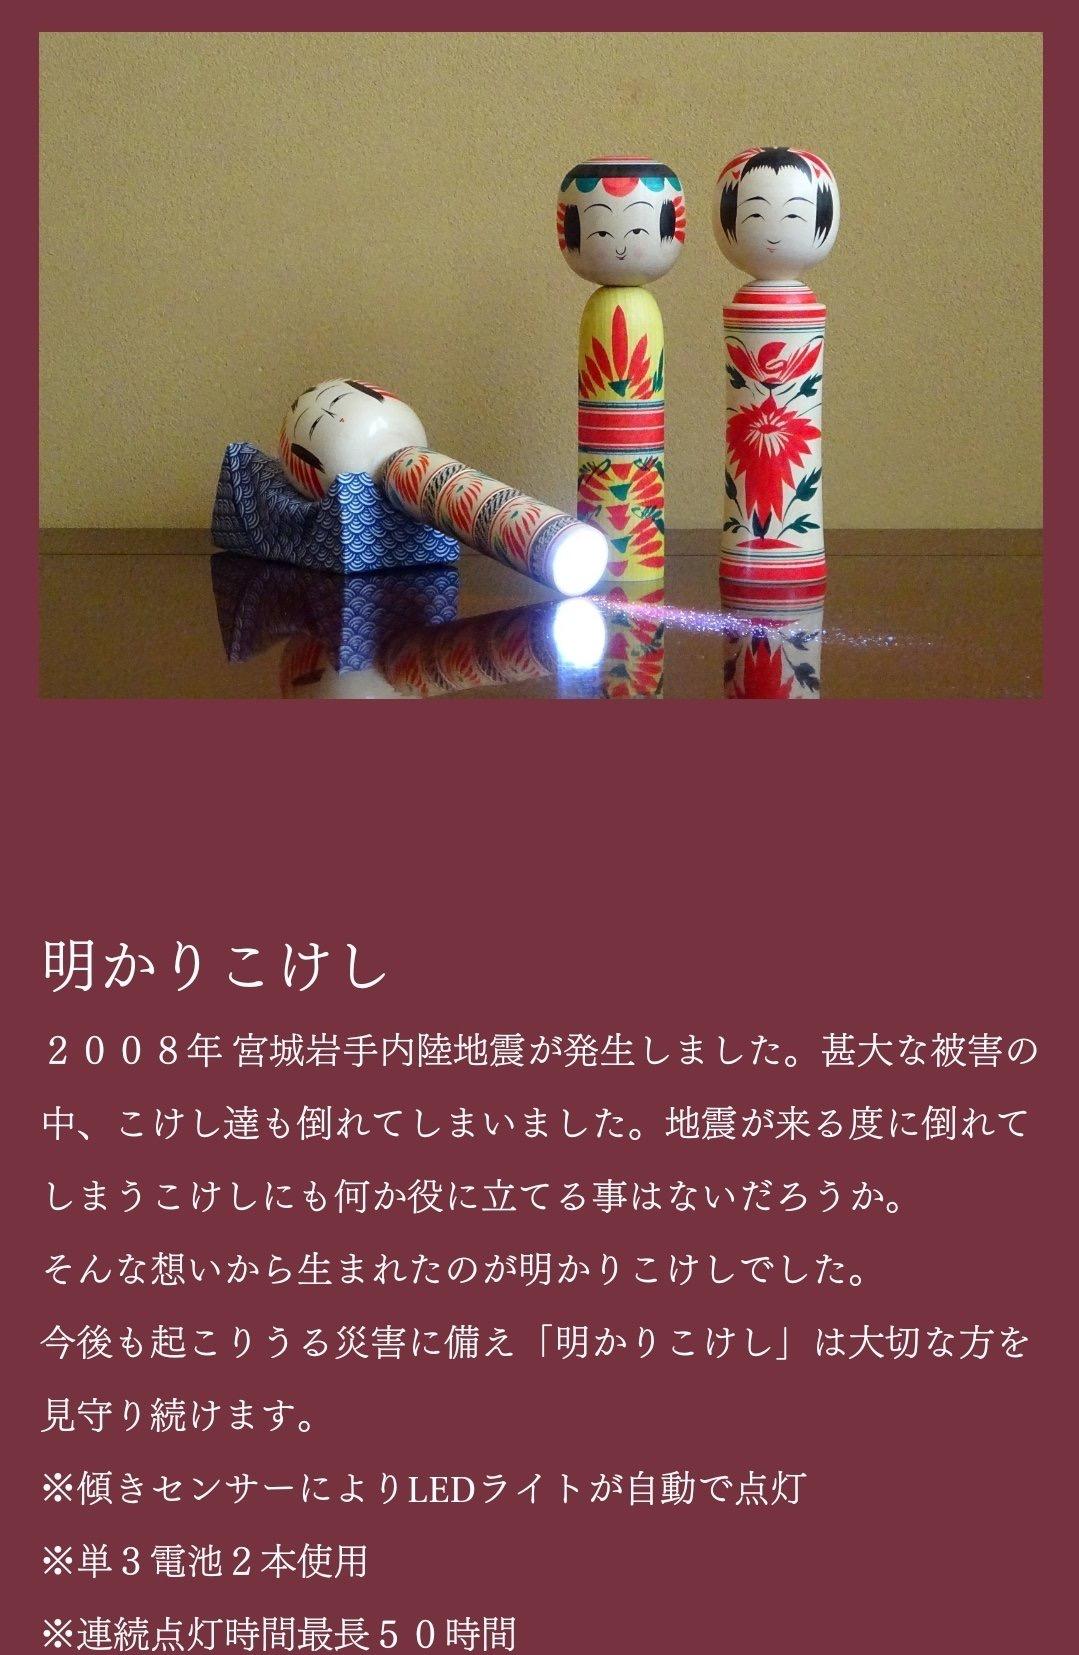 【画像】こけし業界「地震に役立つ商品……せや!✨」